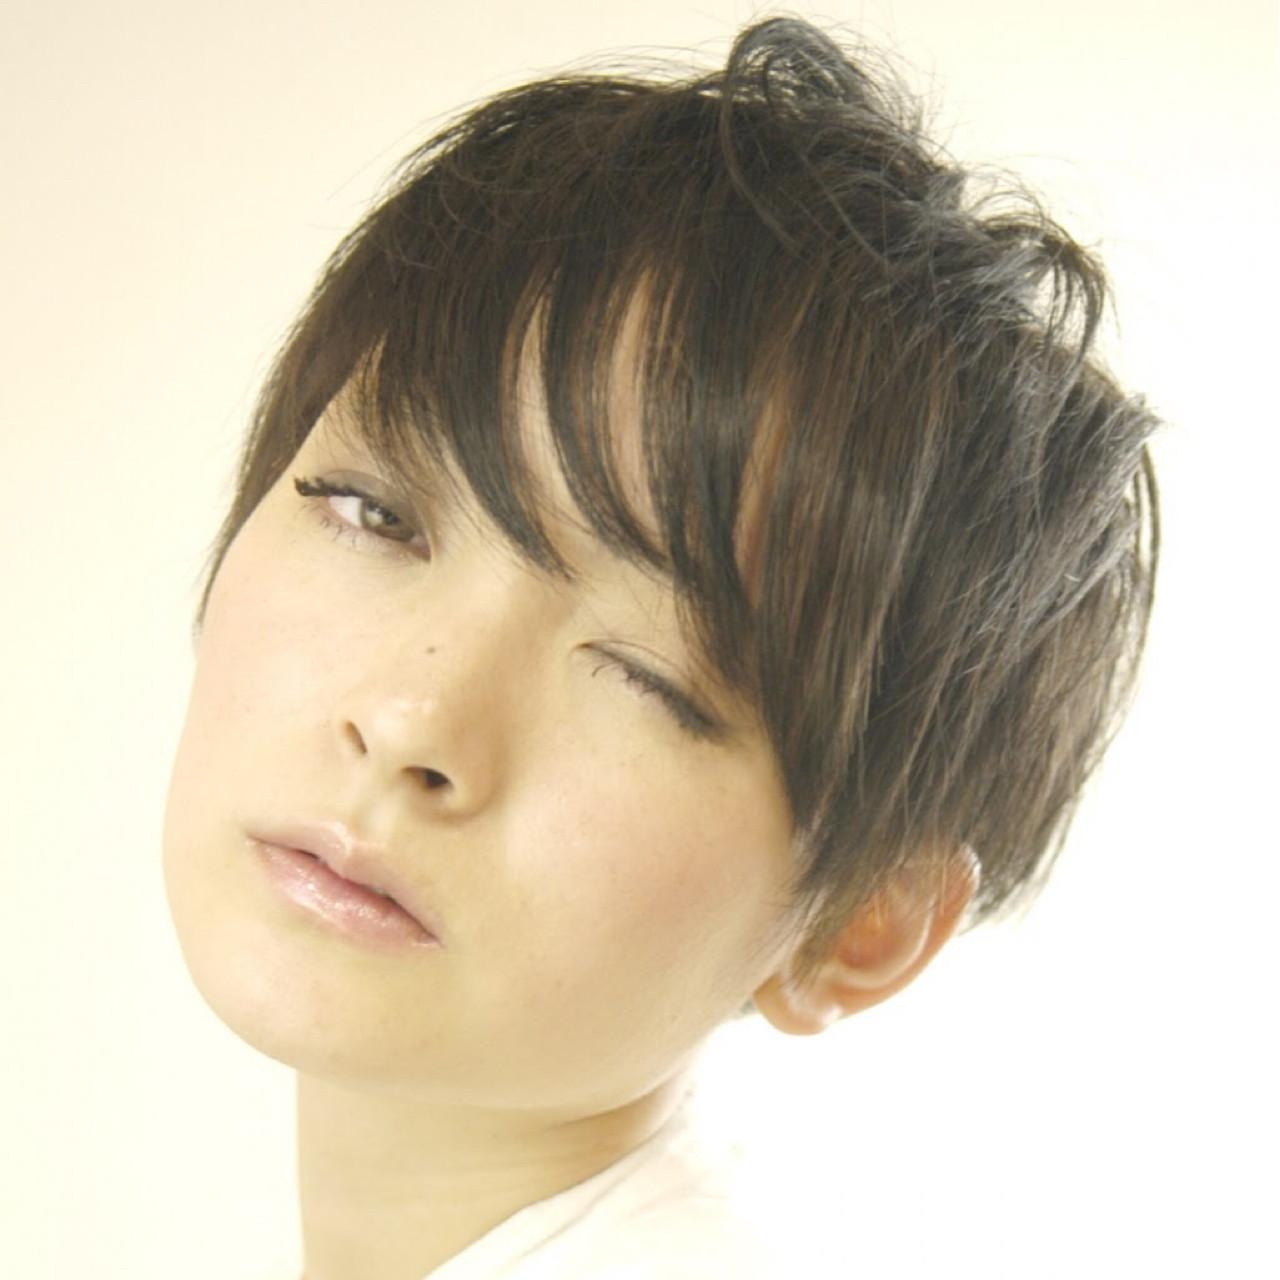 ナチュラル ショートボブ 斜め前髪 色気 ヘアスタイルや髪型の写真・画像